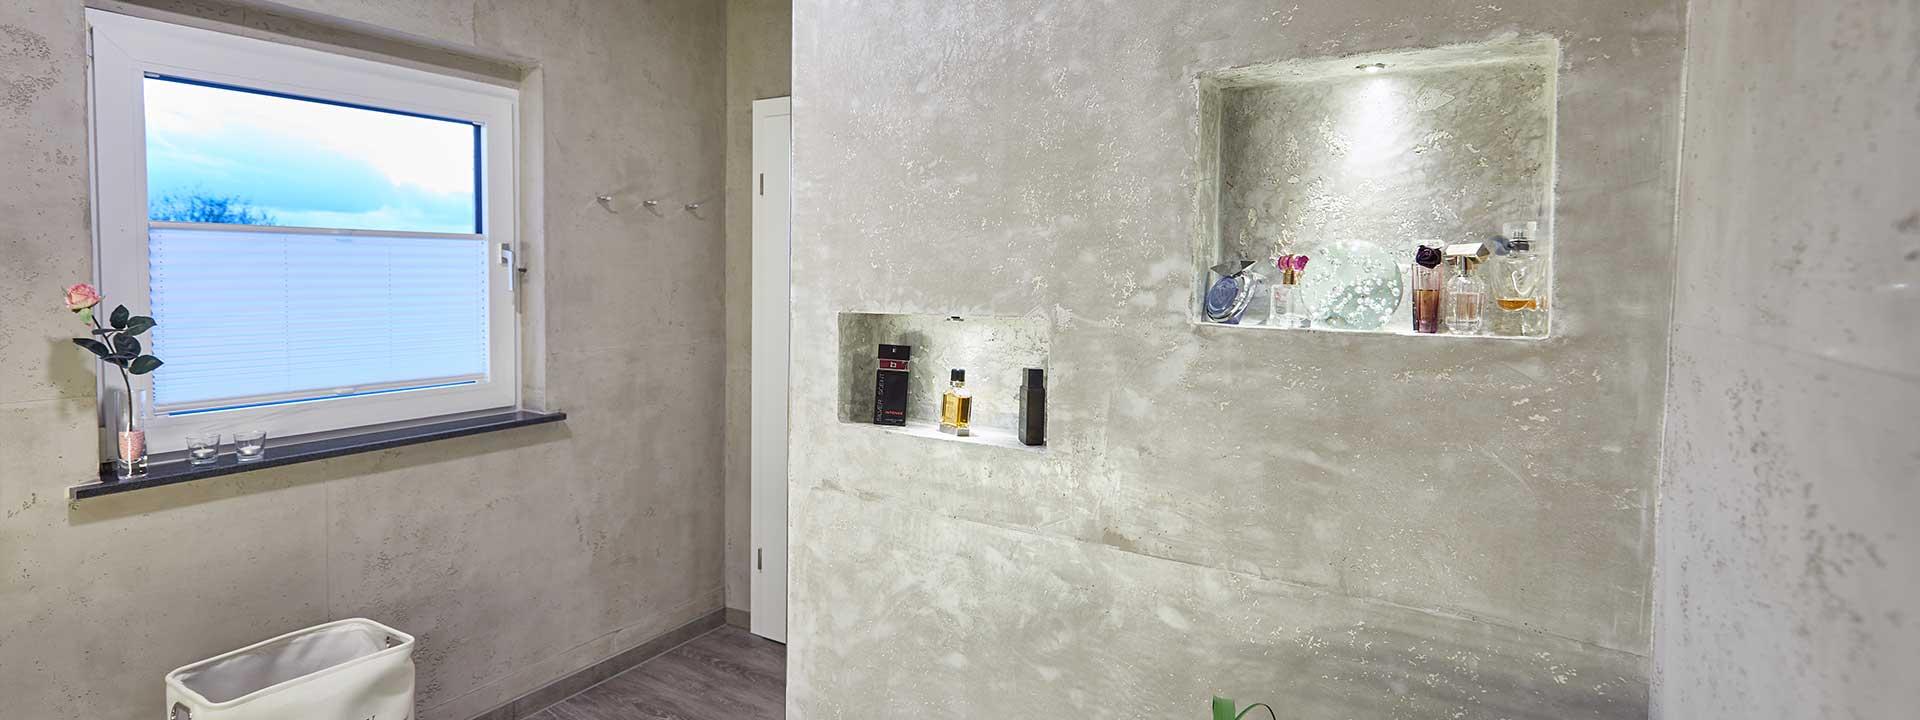 Müller & Weißling - Detailansicht einer Deko-Wand mit Einlass